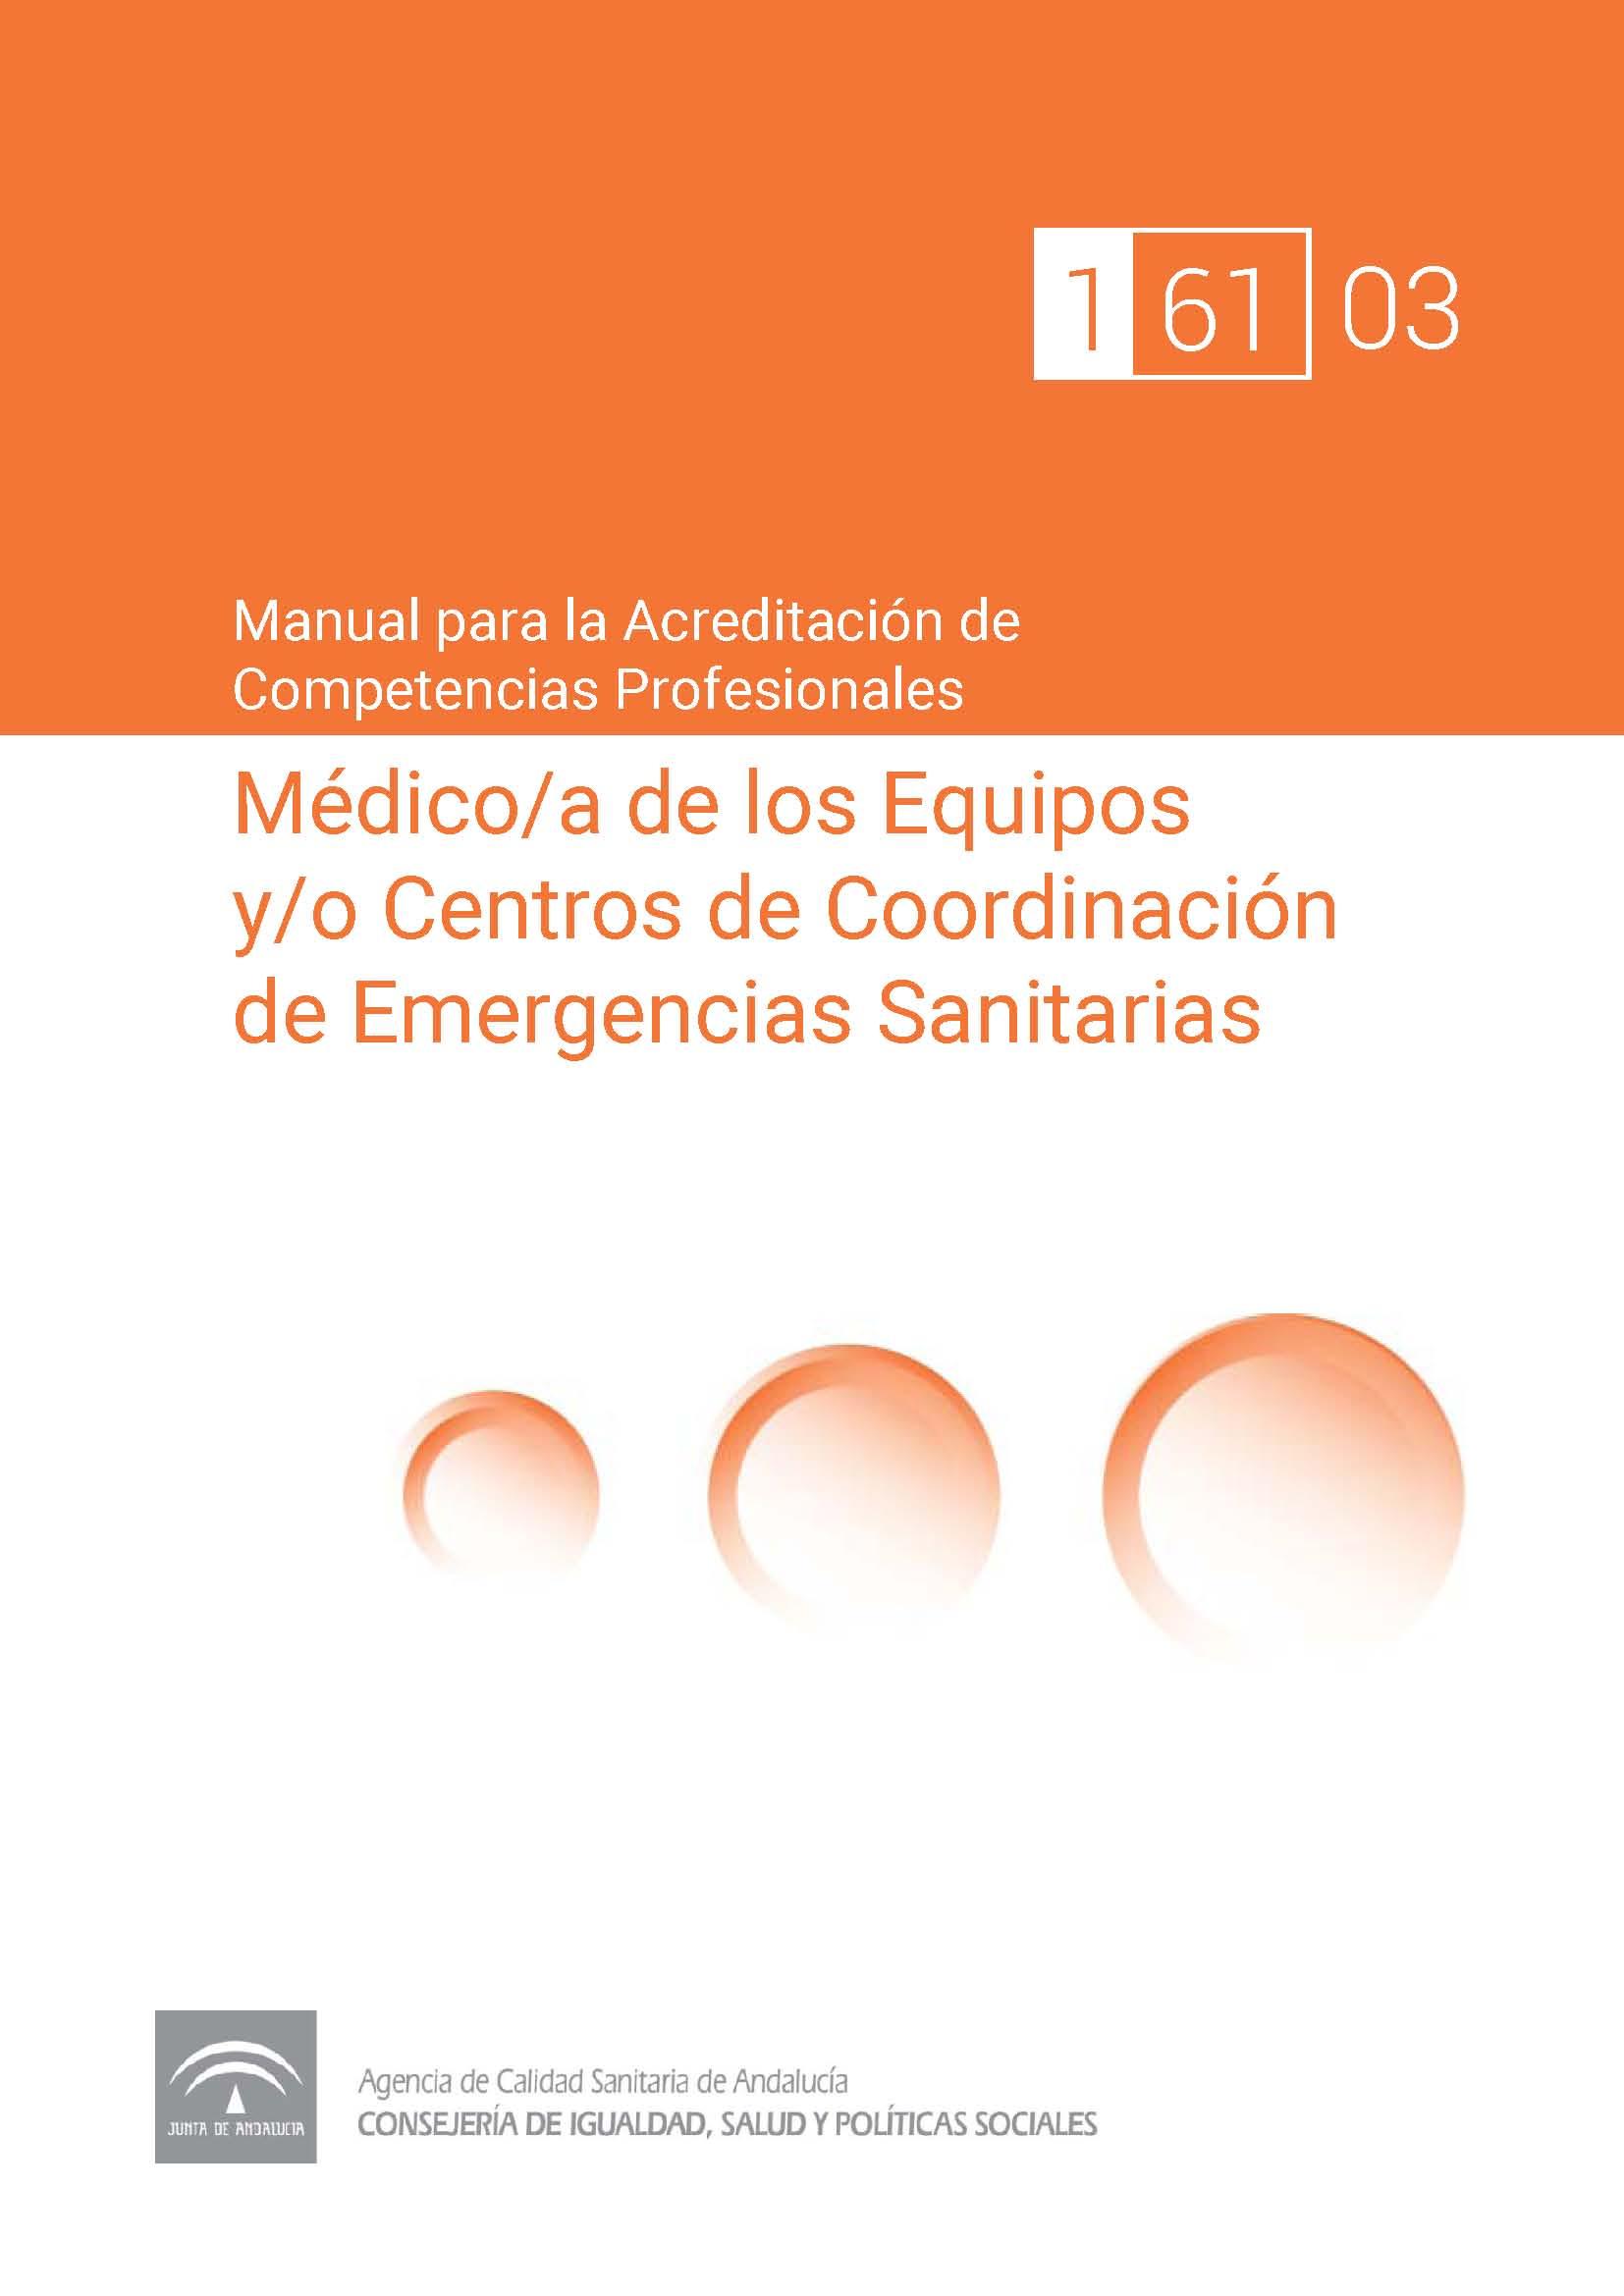 Manual de competencias profesionales del/de la Médico/a de los Equipos y/o Centros de Coordinación de Emergencias Sanitarias